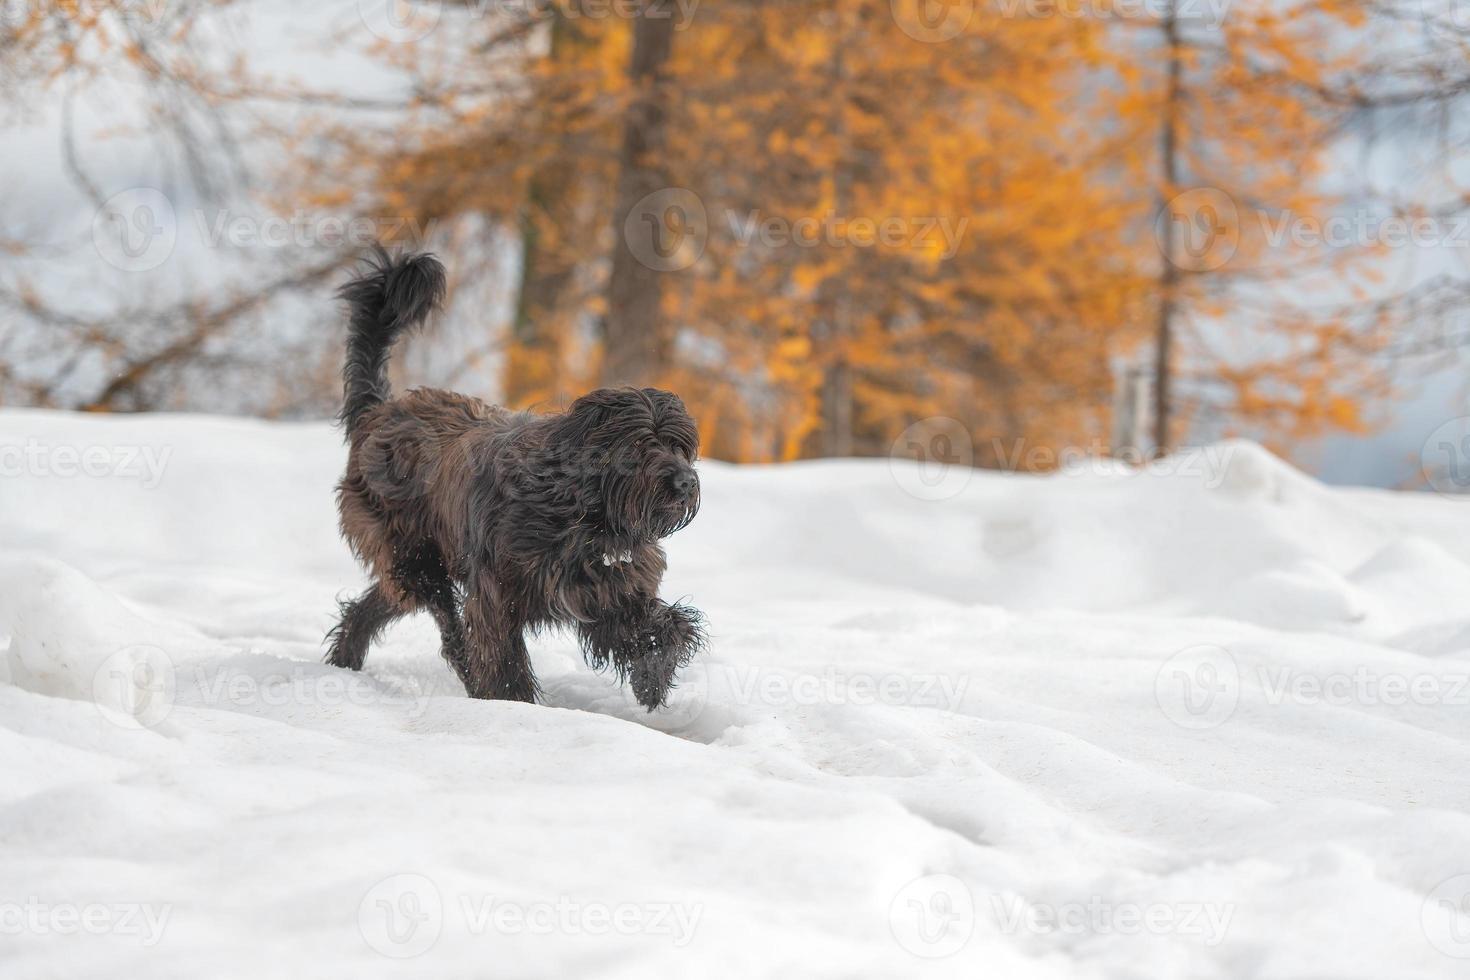 herdehund går i snön på hösten foto